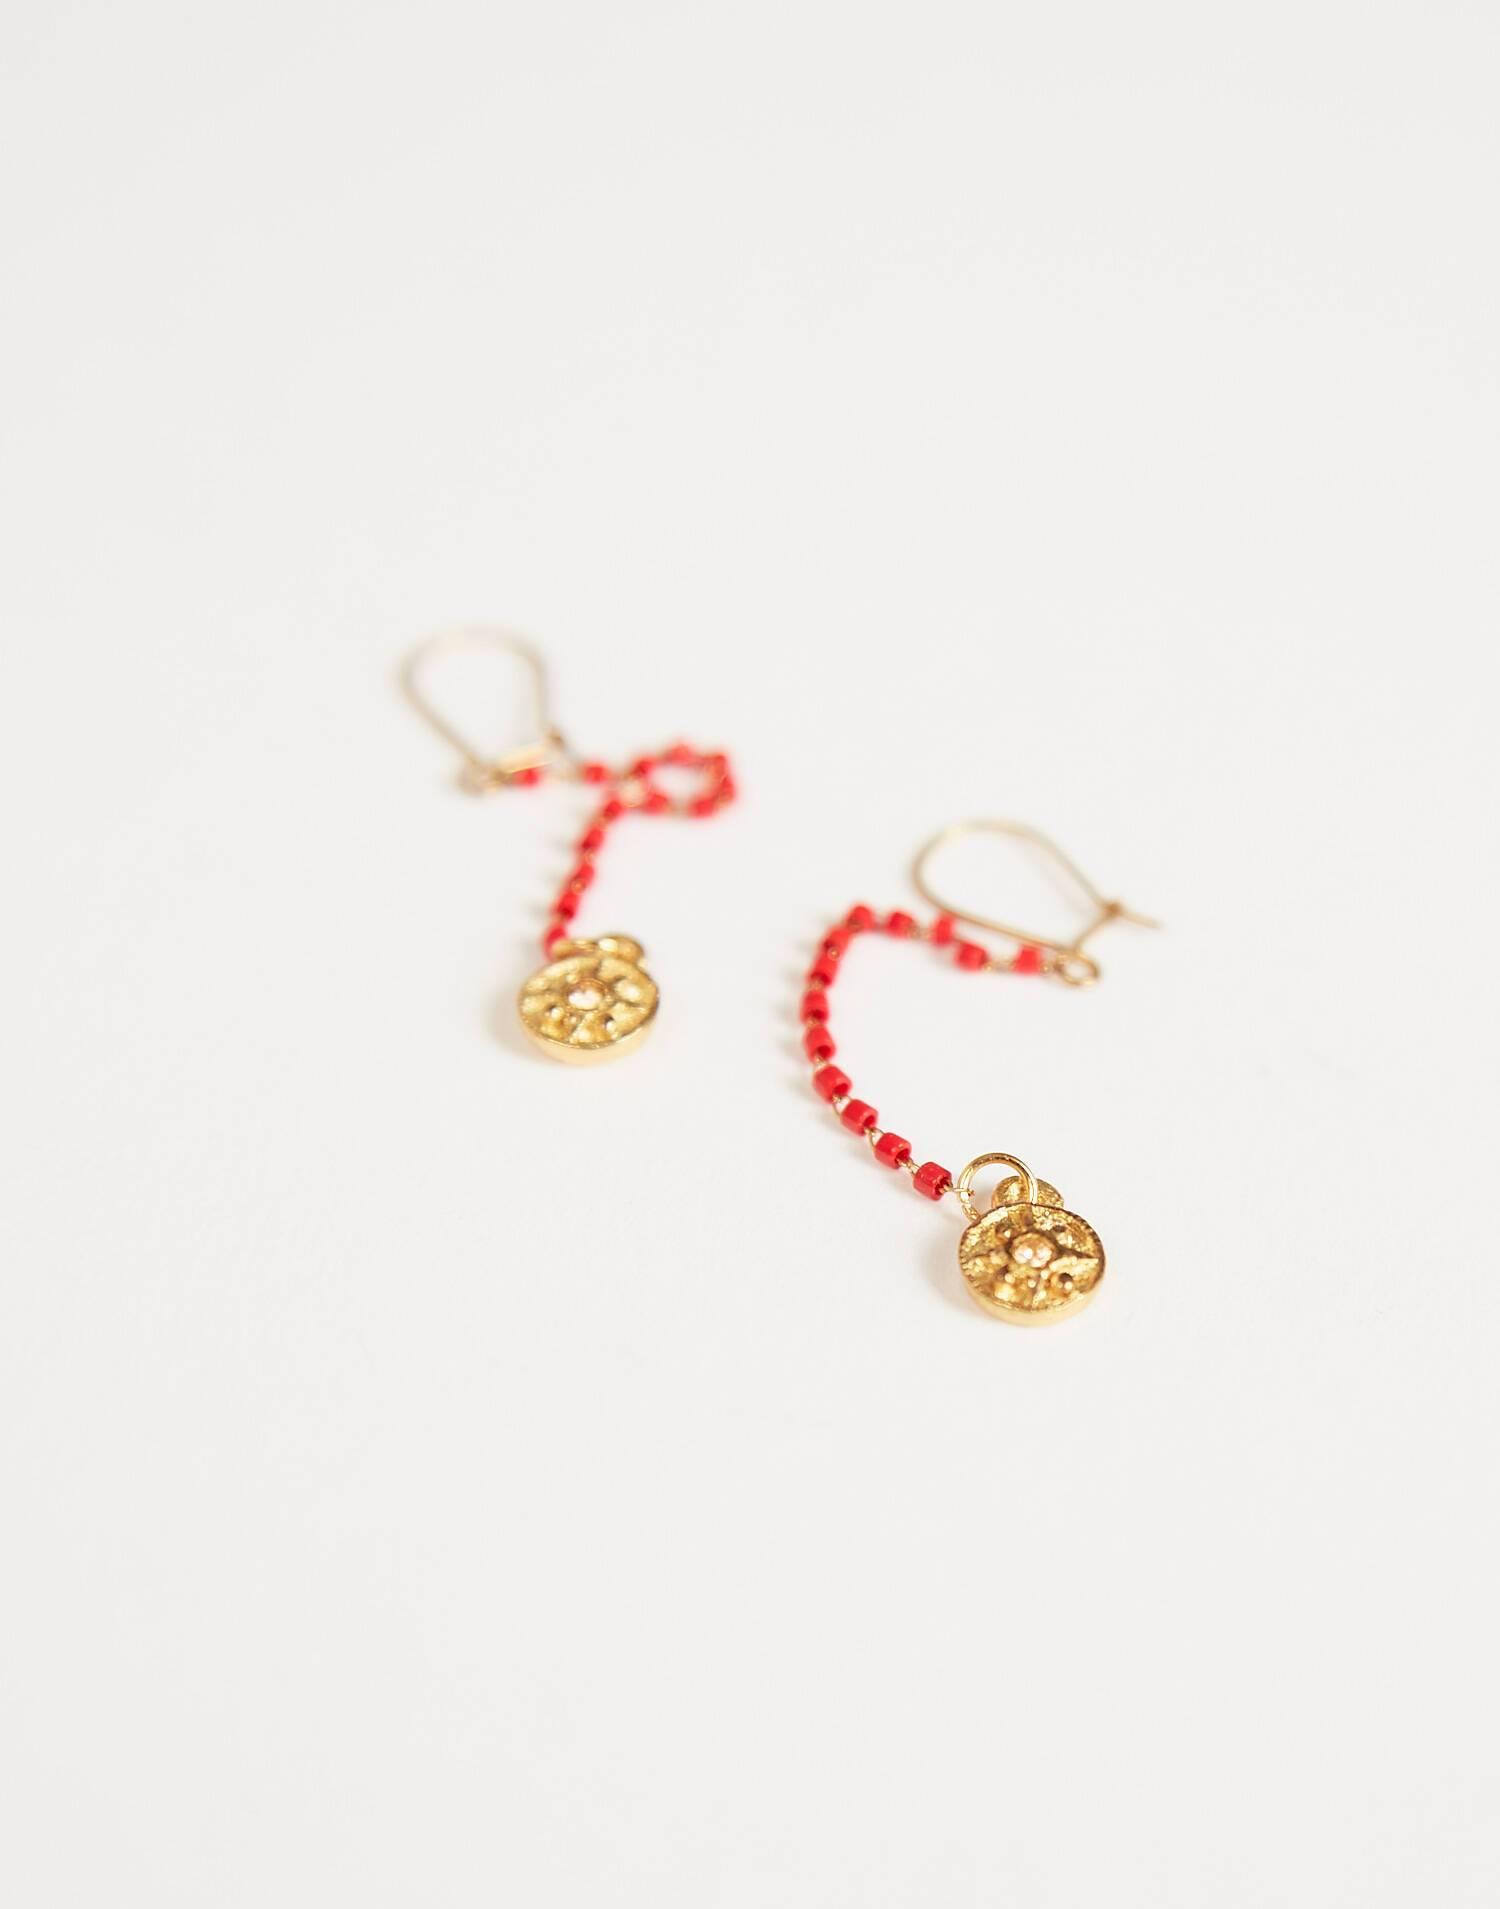 Boucles d'oreilles chaîne et médaillon